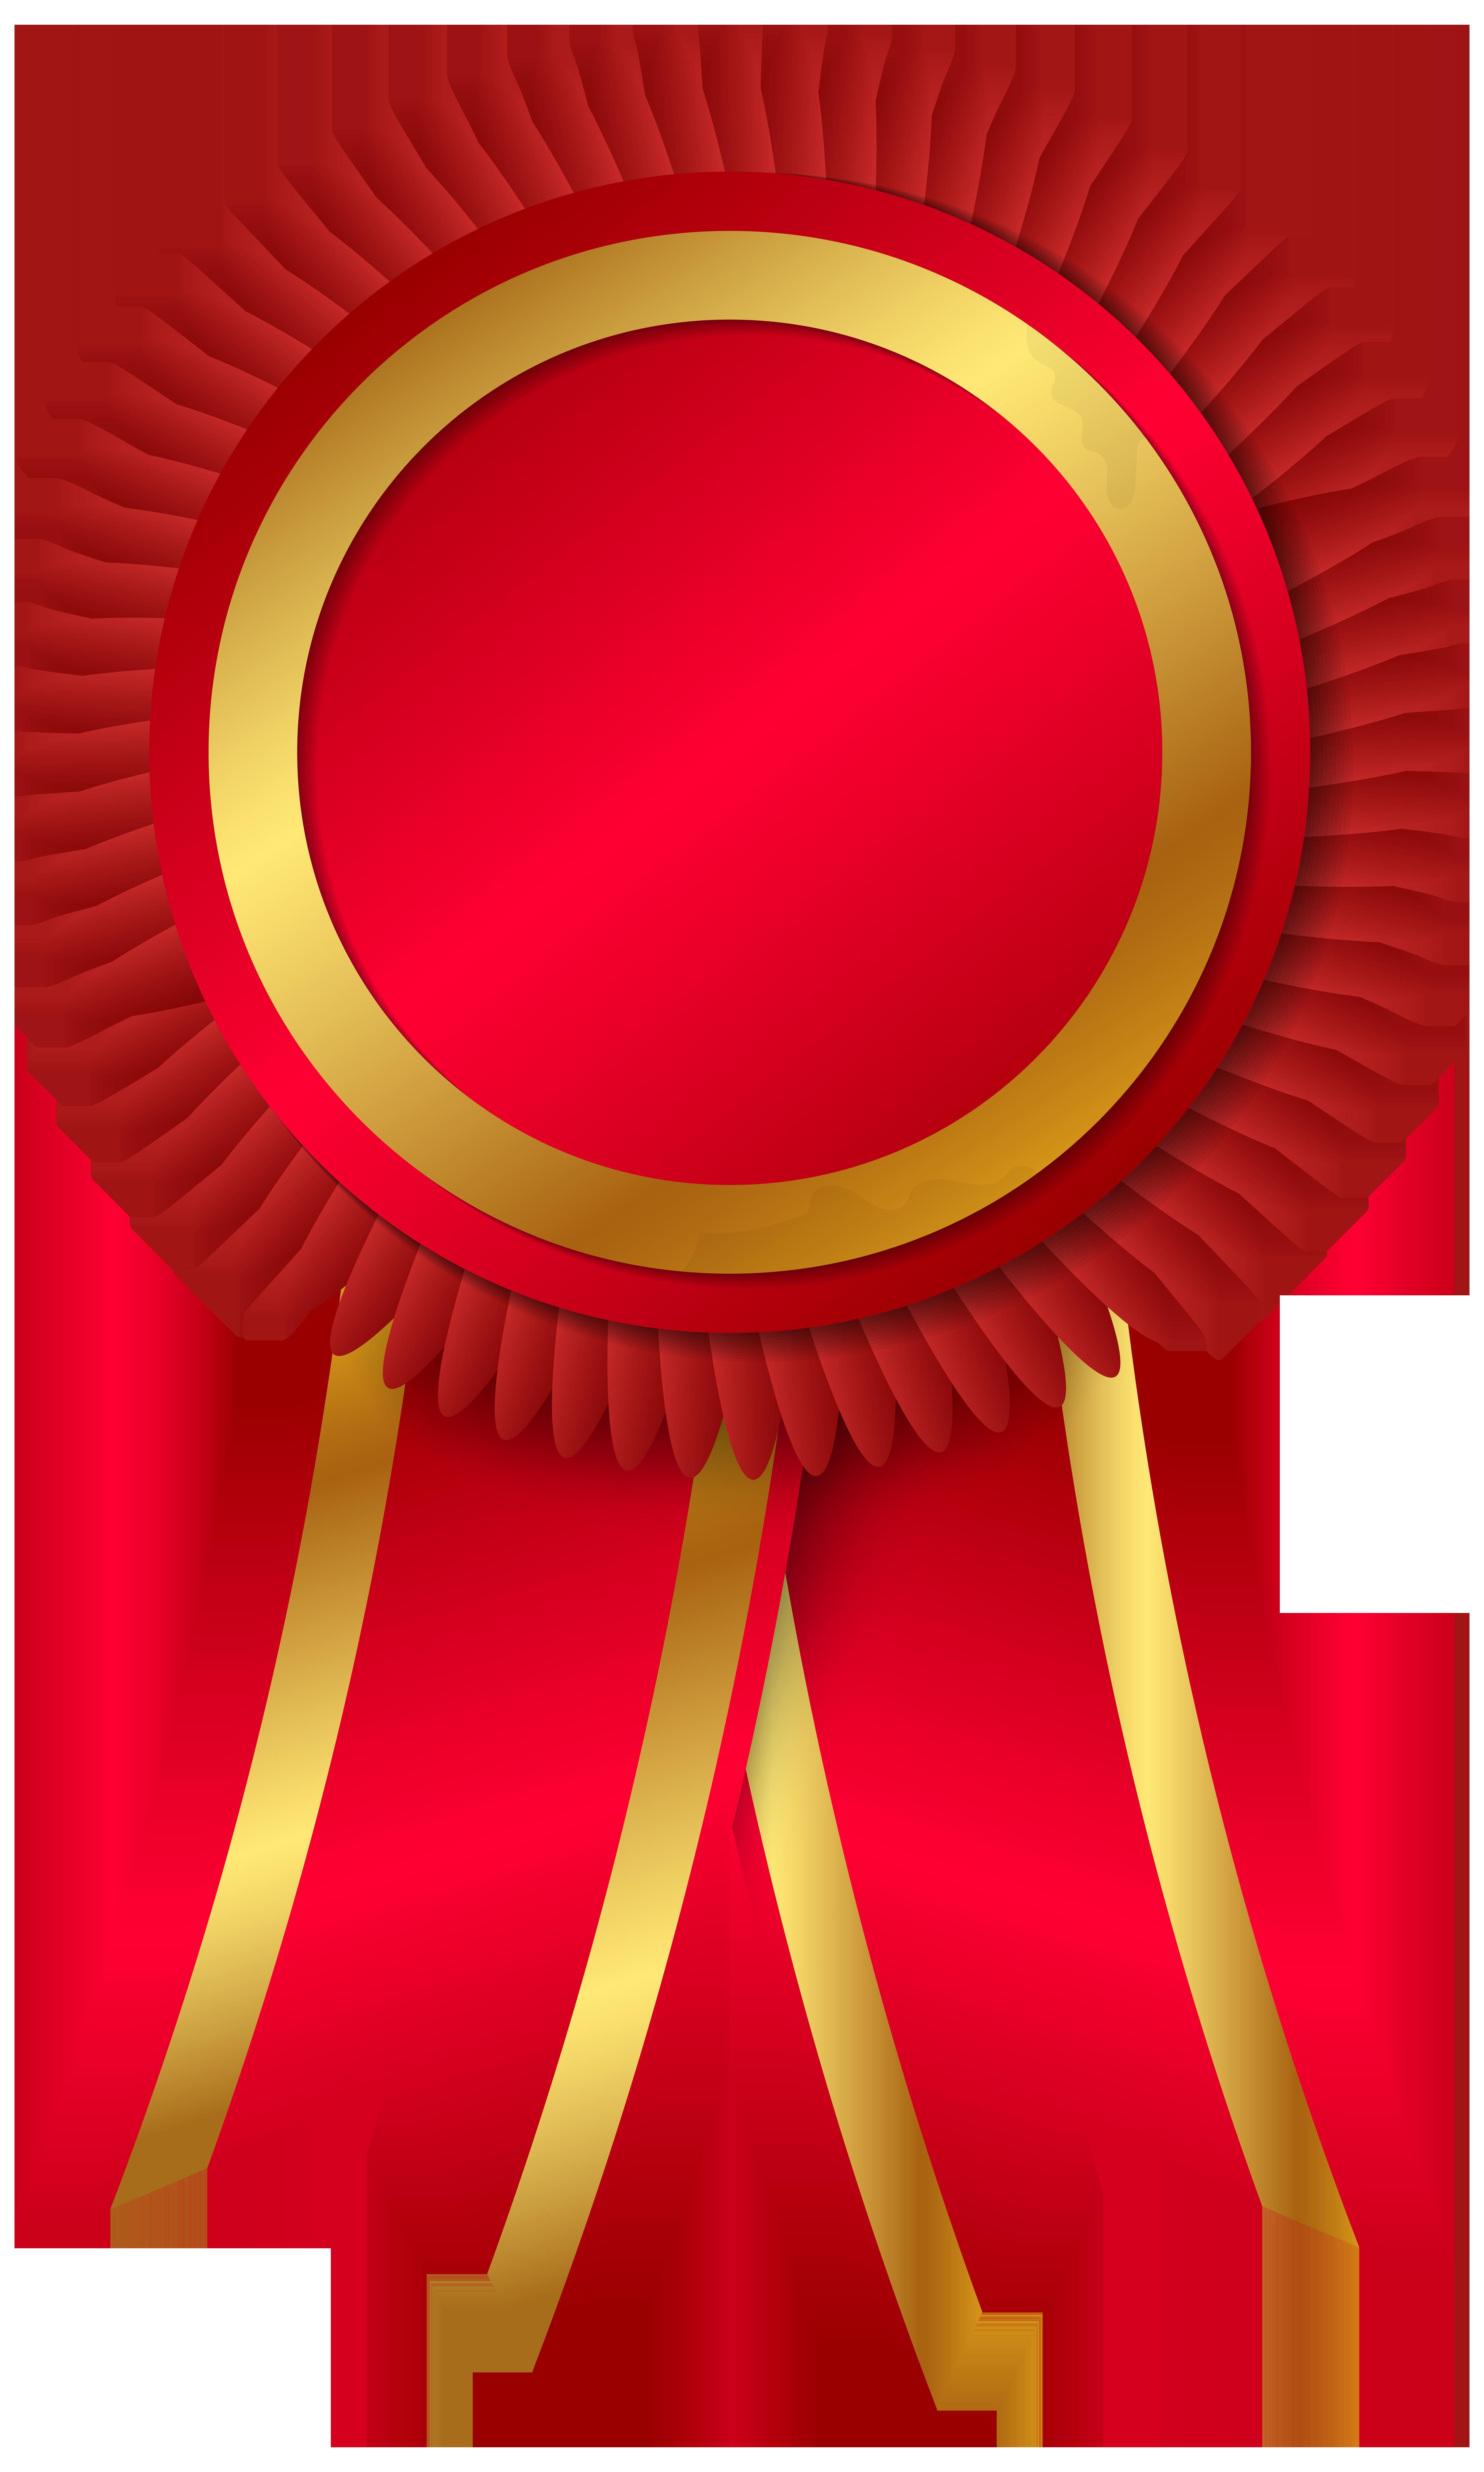 Award rosette png clipar. Medal clipart red